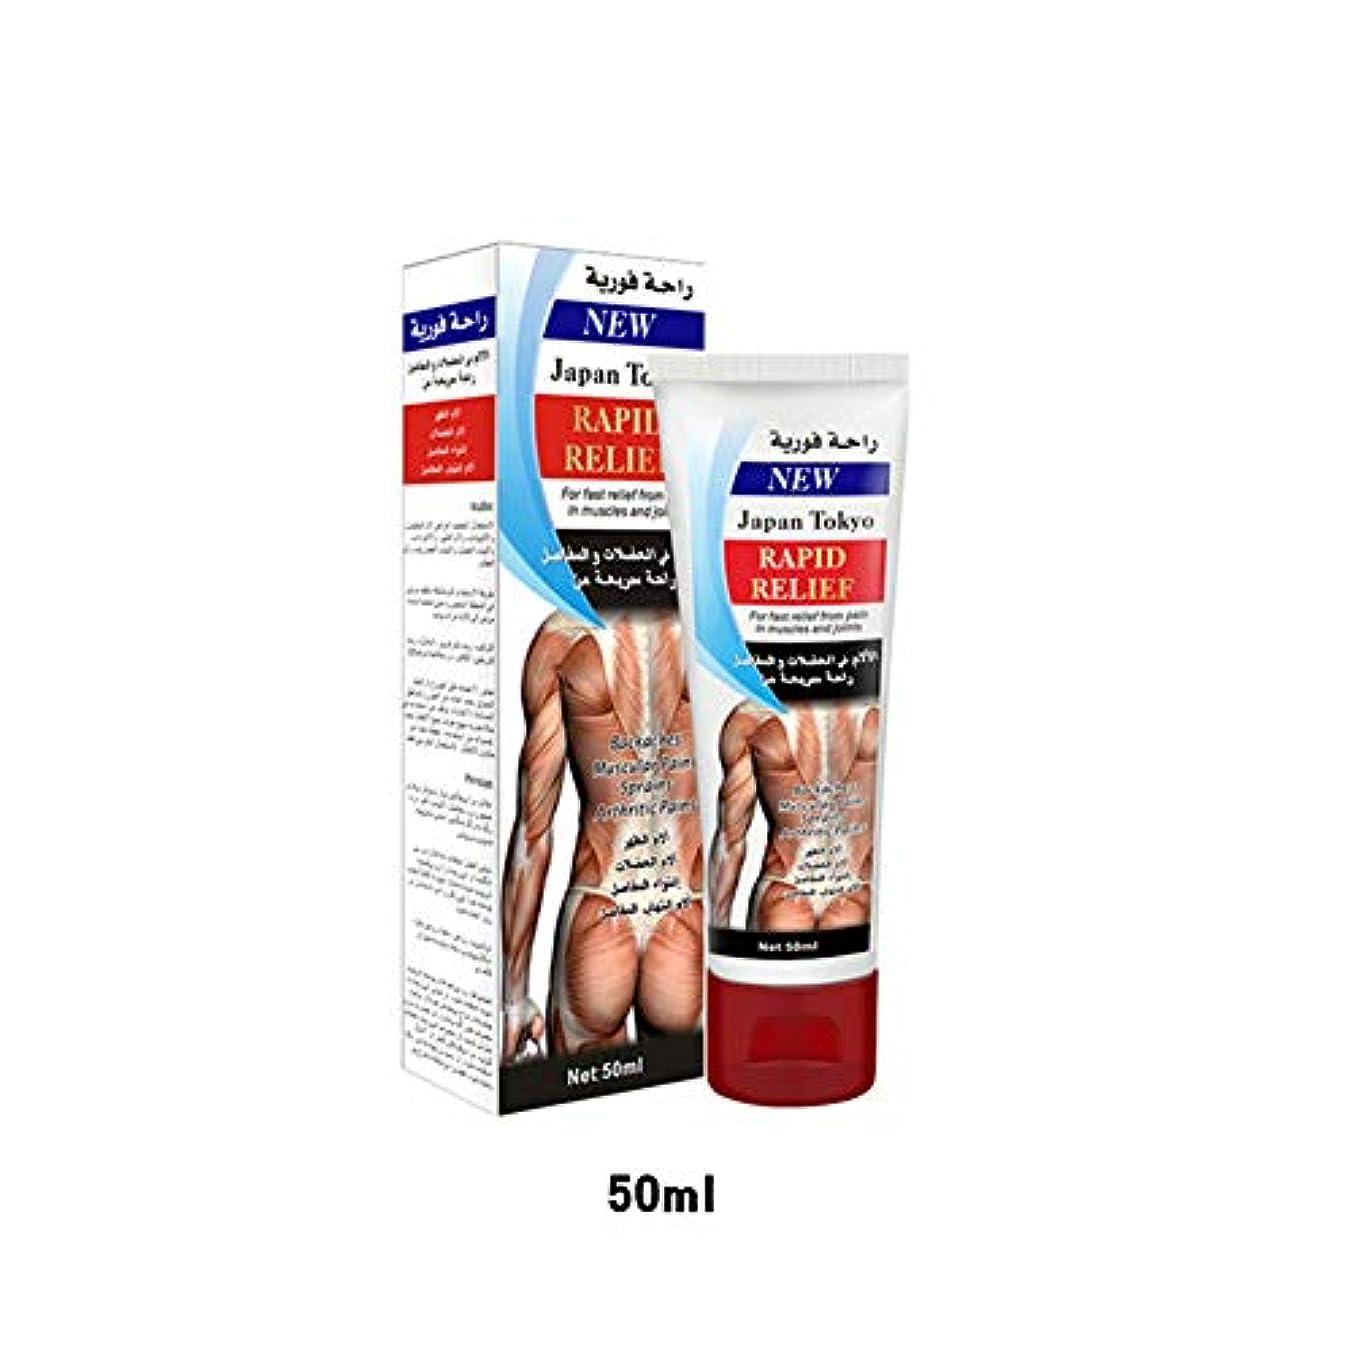 哺乳類前北Balai 頸部マッサージクリーム 関節の背中の関節炎の痛みを和らげます関節の痛みを緩和する軟膏 100g 50g